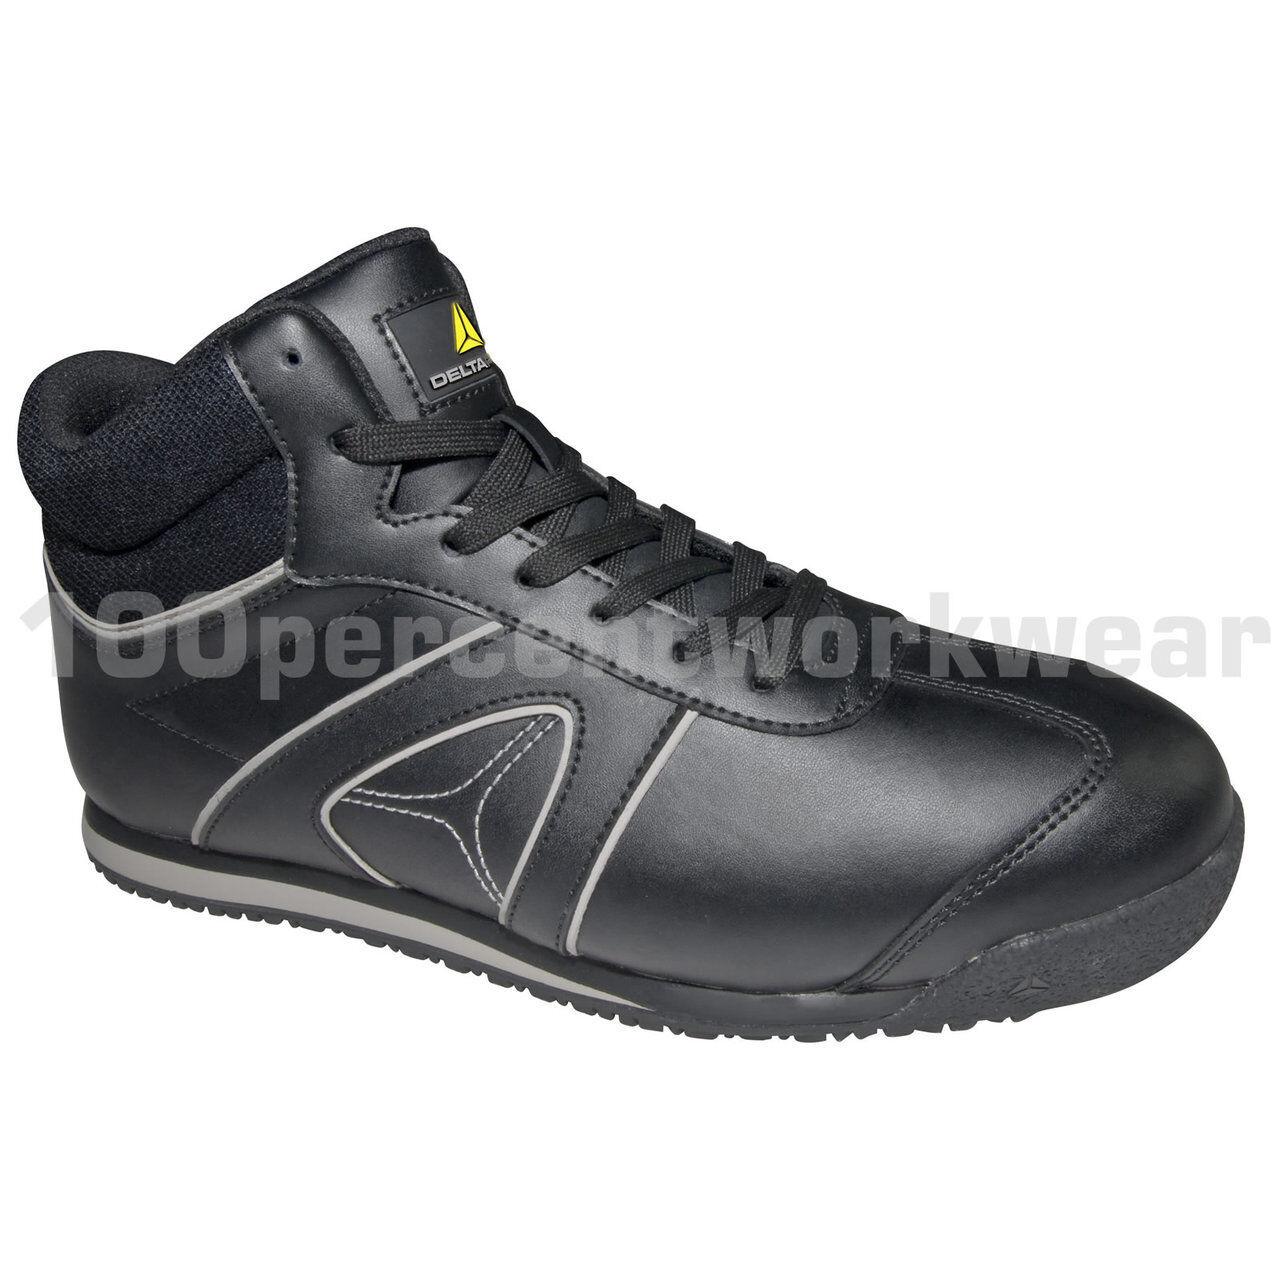 Taille10 EU 44 Delta Plus D-STAR S3 SRC Noir Safety Trainers Composite Toe